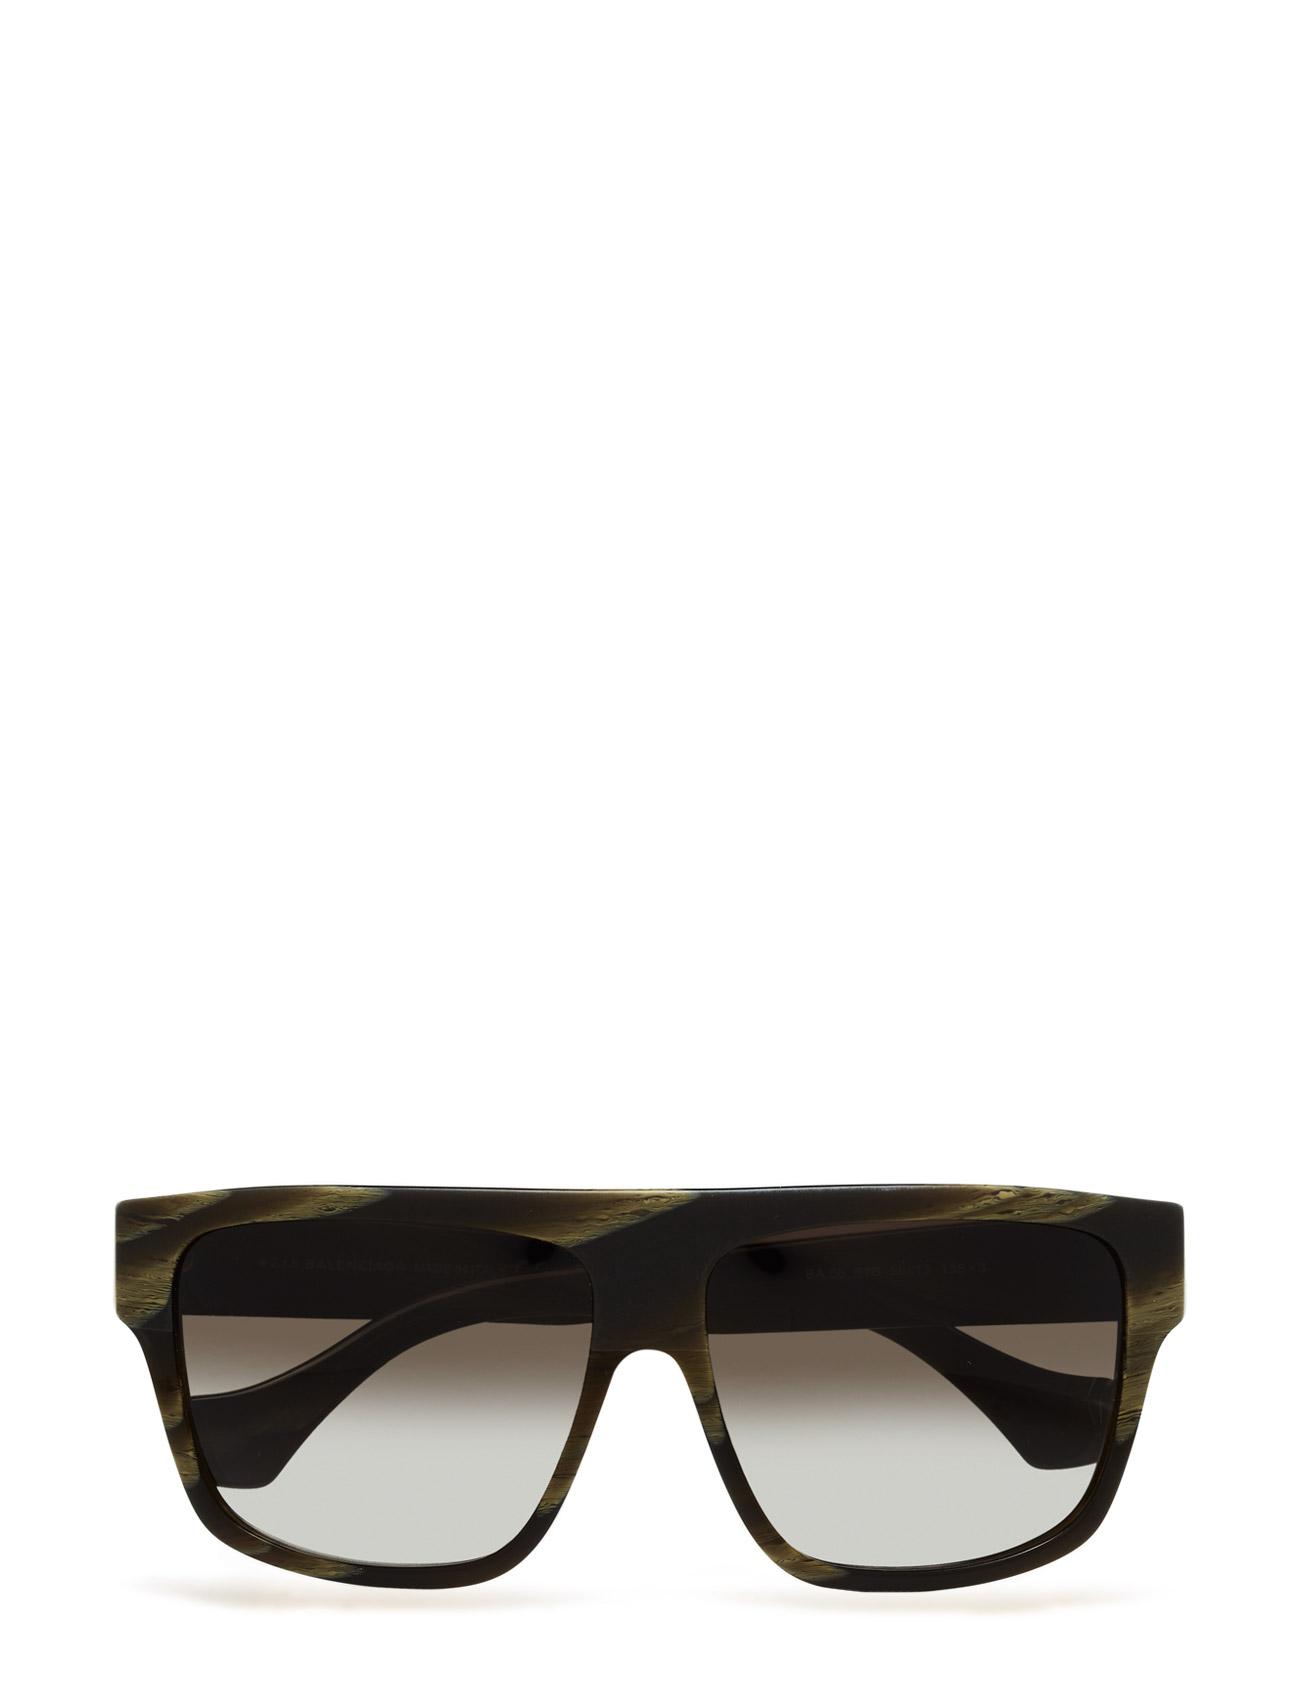 balenciaga sunglasses Ba0056 på boozt.com dk